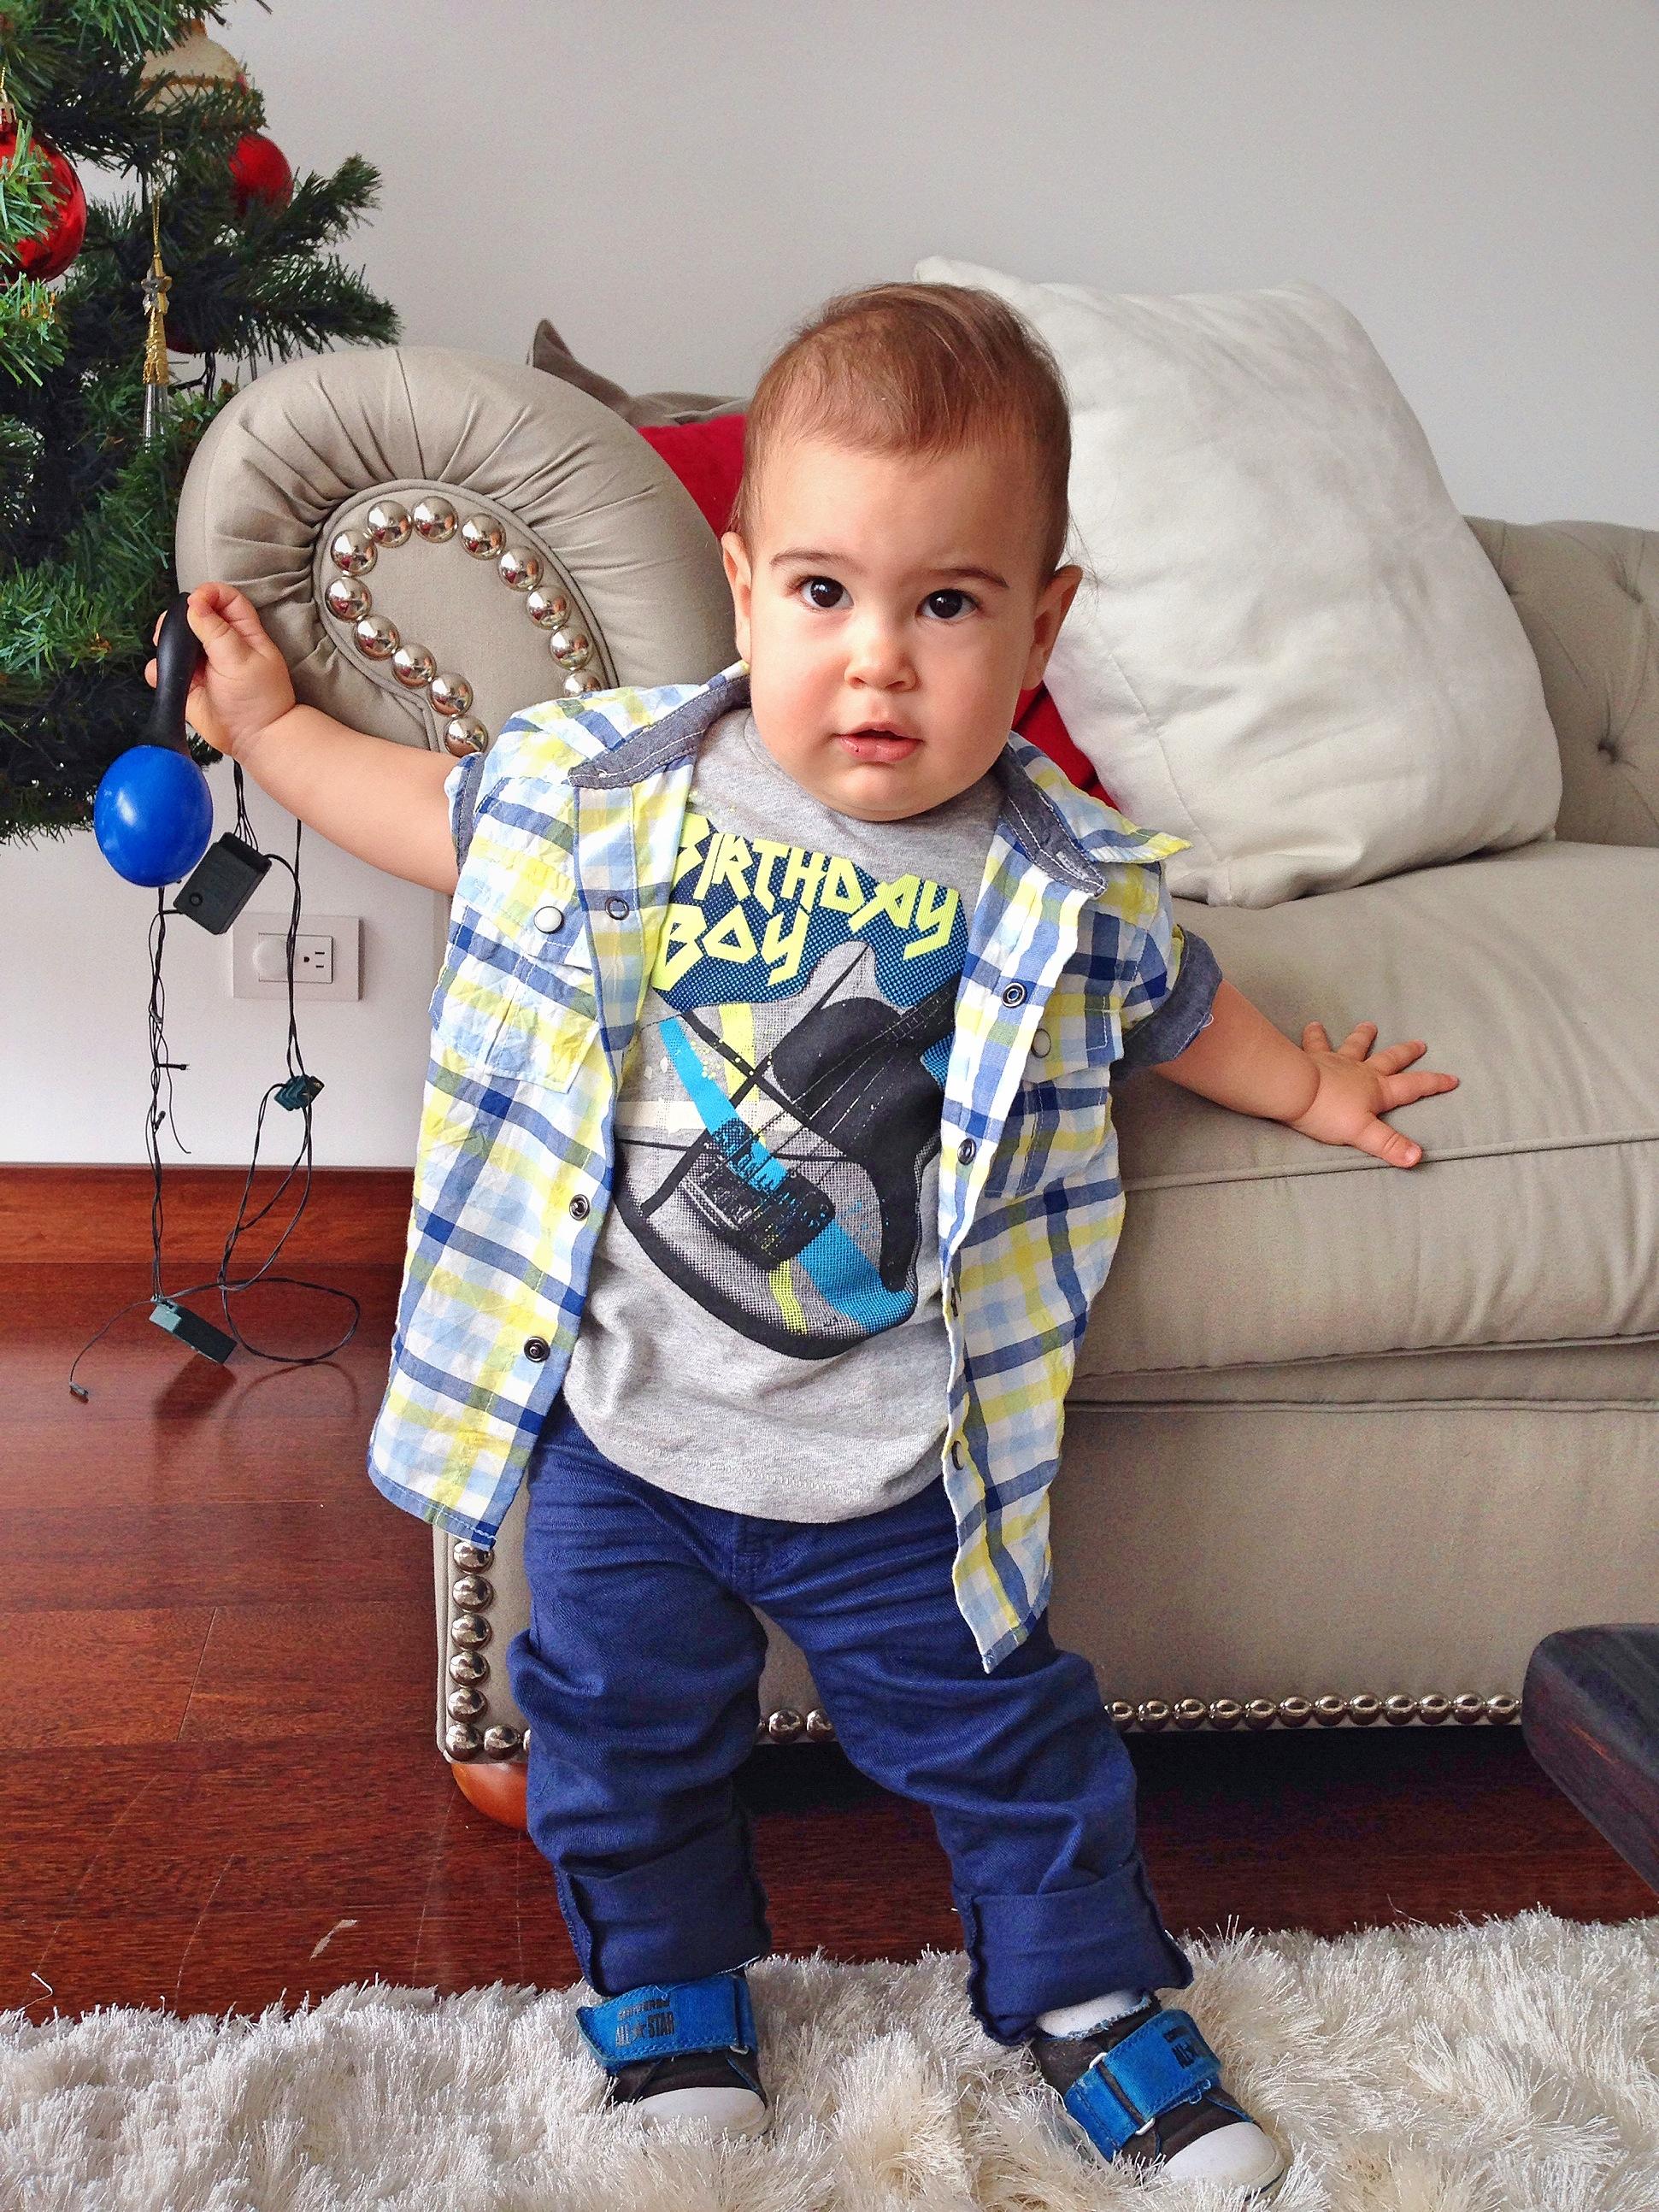 Birthday Boy listo para ir a su fiesta. Look completo de Gap Perú. Baby Gap tiene cosas lindas!!